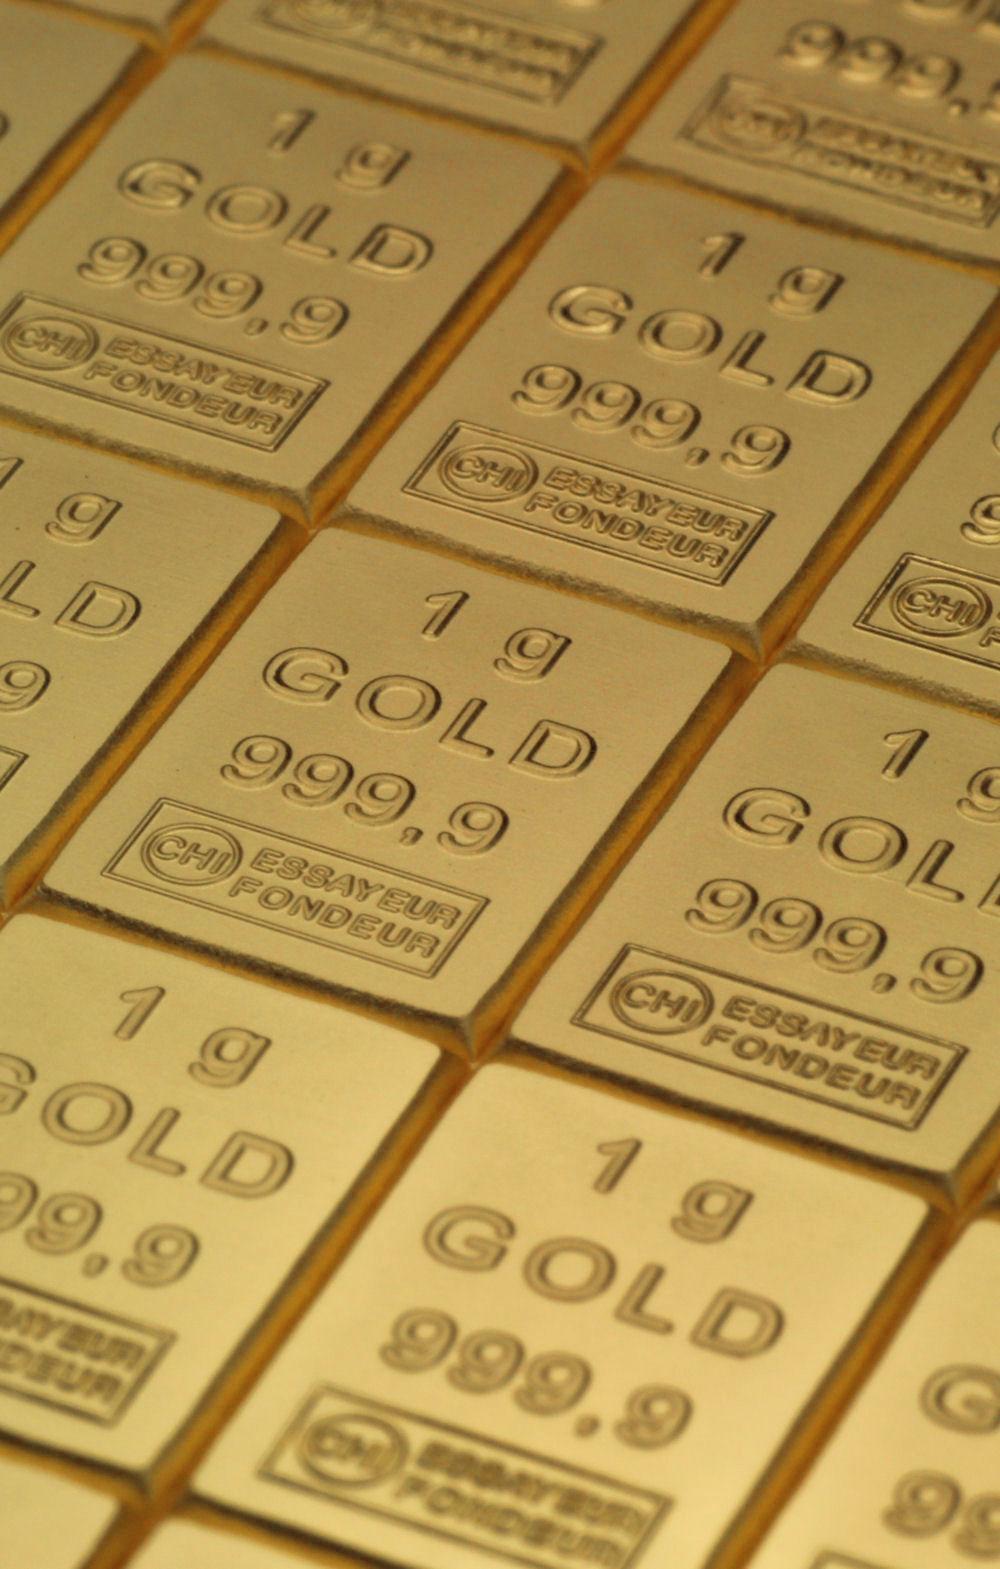 Tafelbarren aus Gold